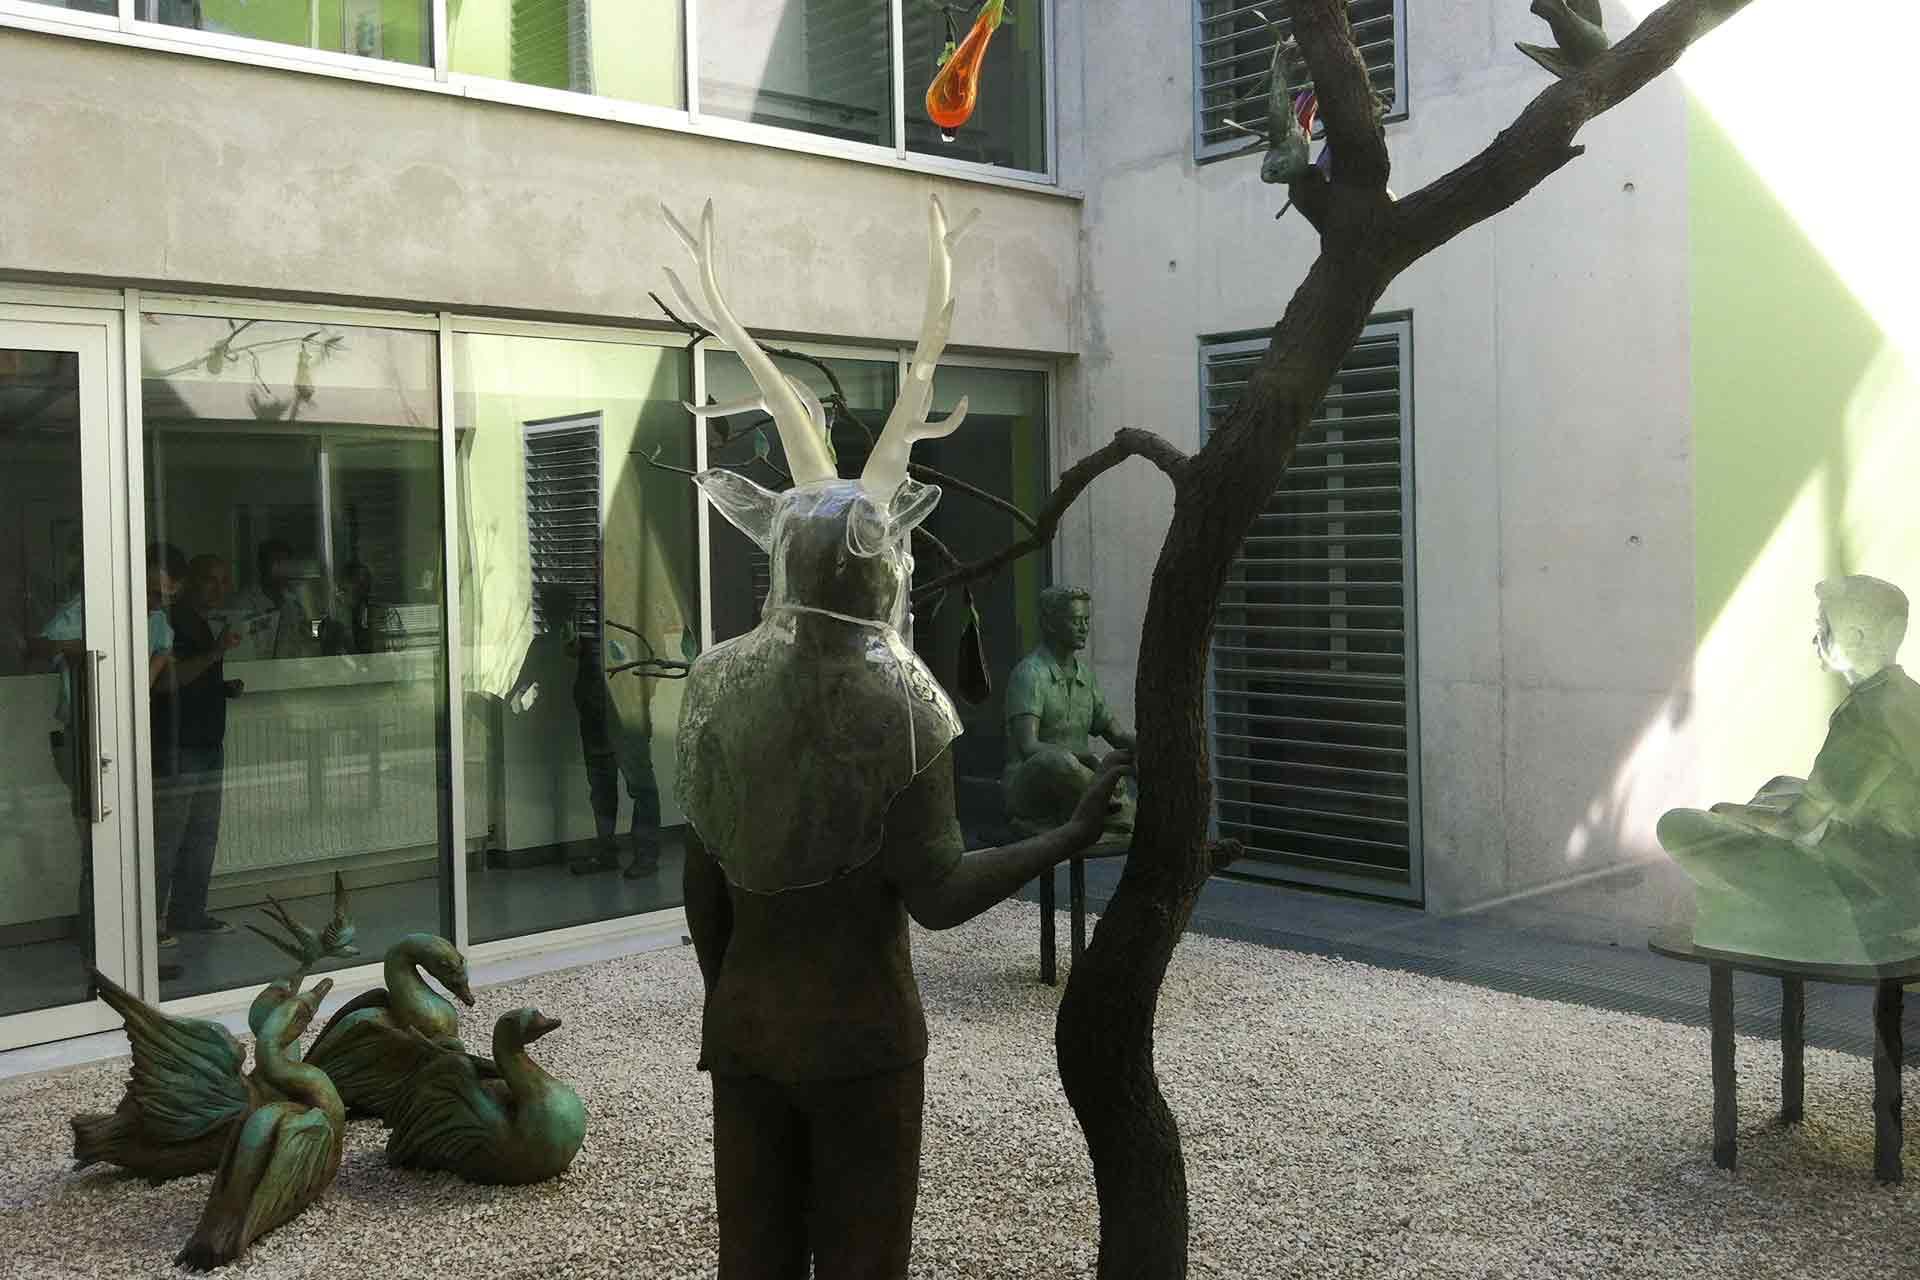 Sculpture masque buste en verre assis en tailleur Montpellier Olivier Kuteau Maitre Verrier